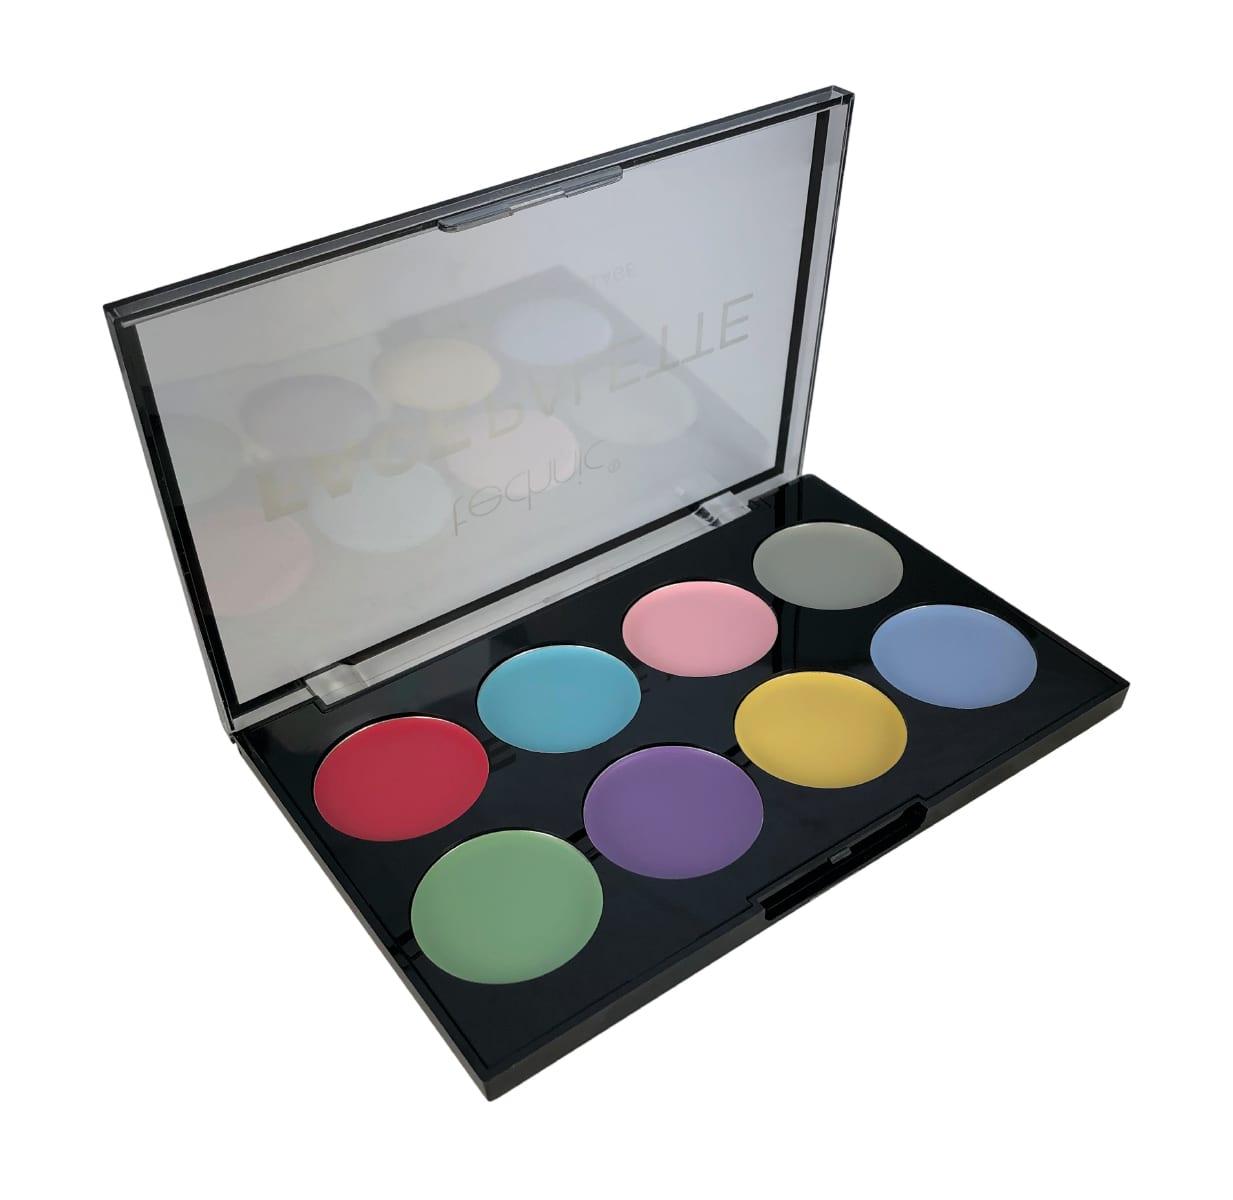 Technic 8 Colours Face Paint Palette